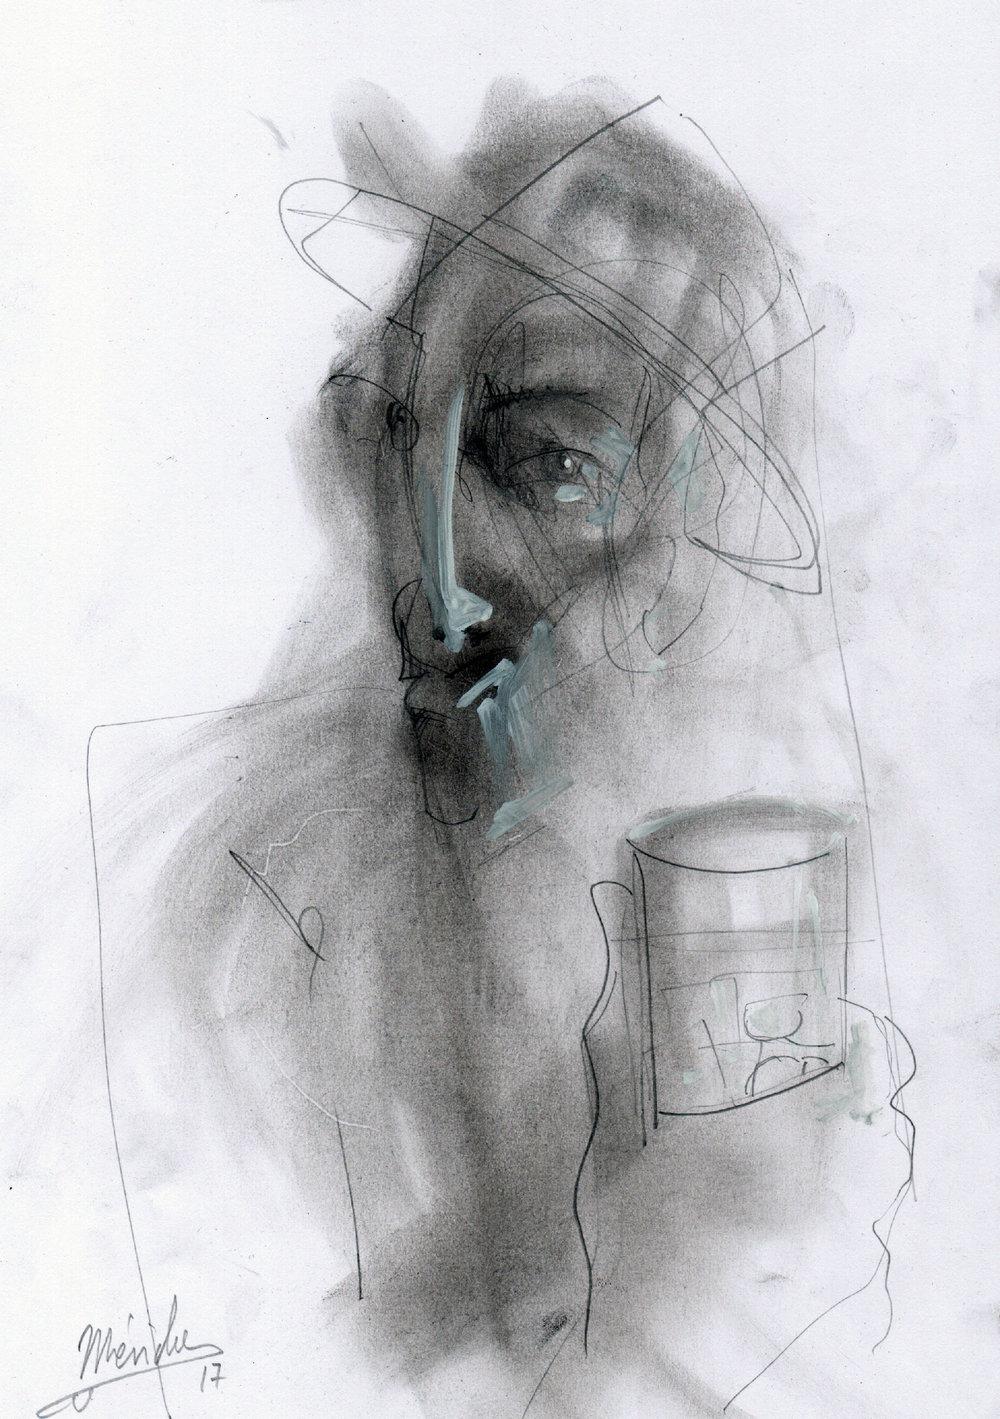 Andres Mérida -  El Hombre del Vaso , 2017,Ash, pen, marker on paper,30x21cm.Courtesy of the artist.